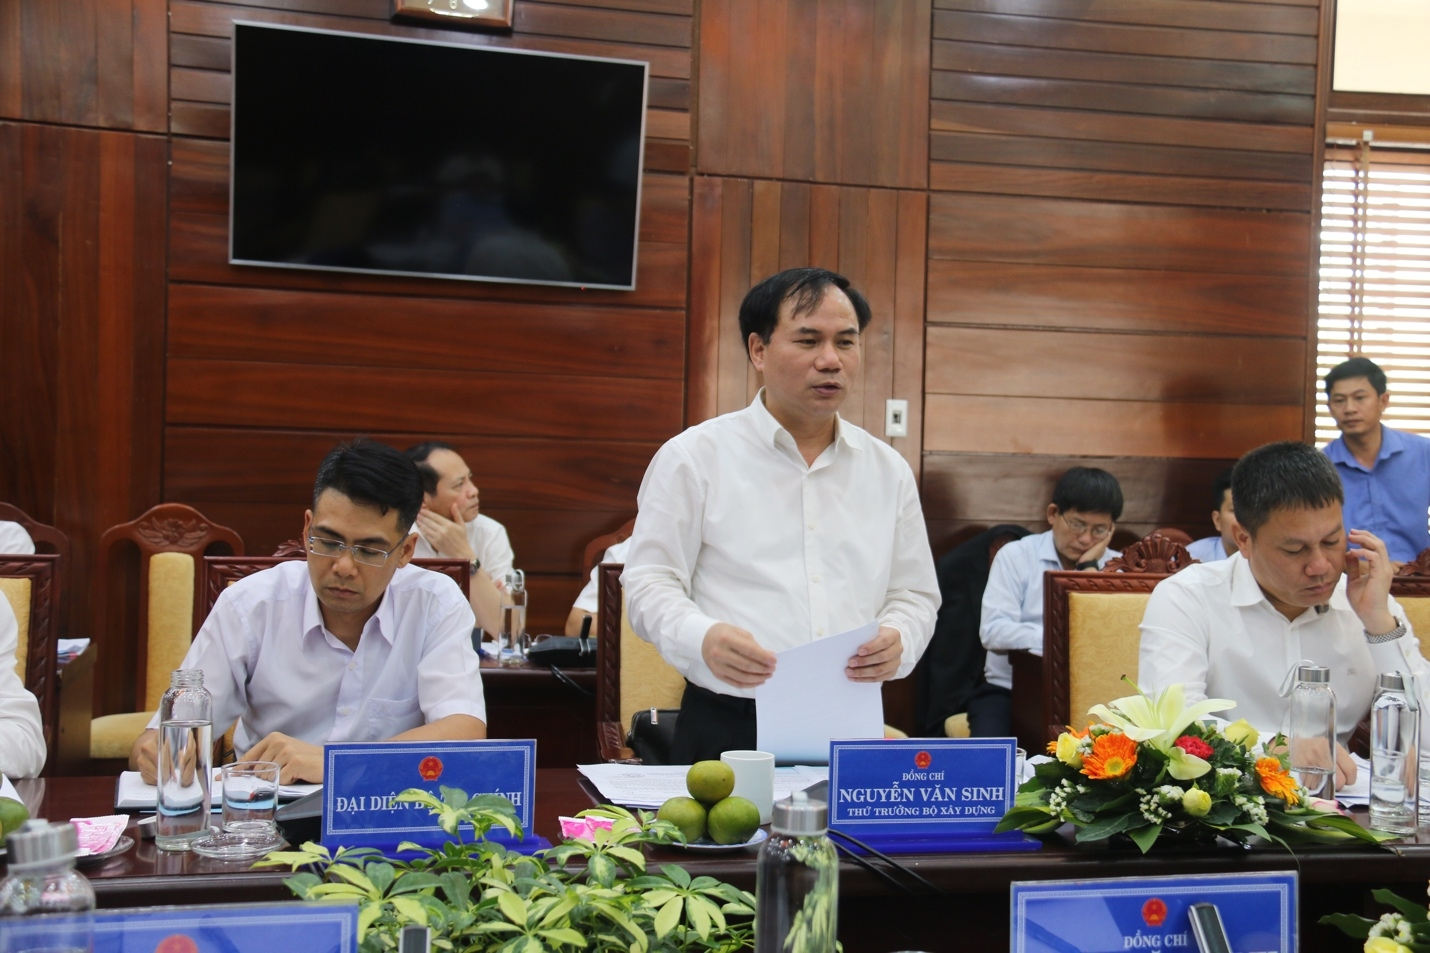 Bộ Xây dựng làm việc với UBND tỉnh Quảng Ngãi về tháo gỡ khó khăn đối với Nhà máy xi măng Đại Việt